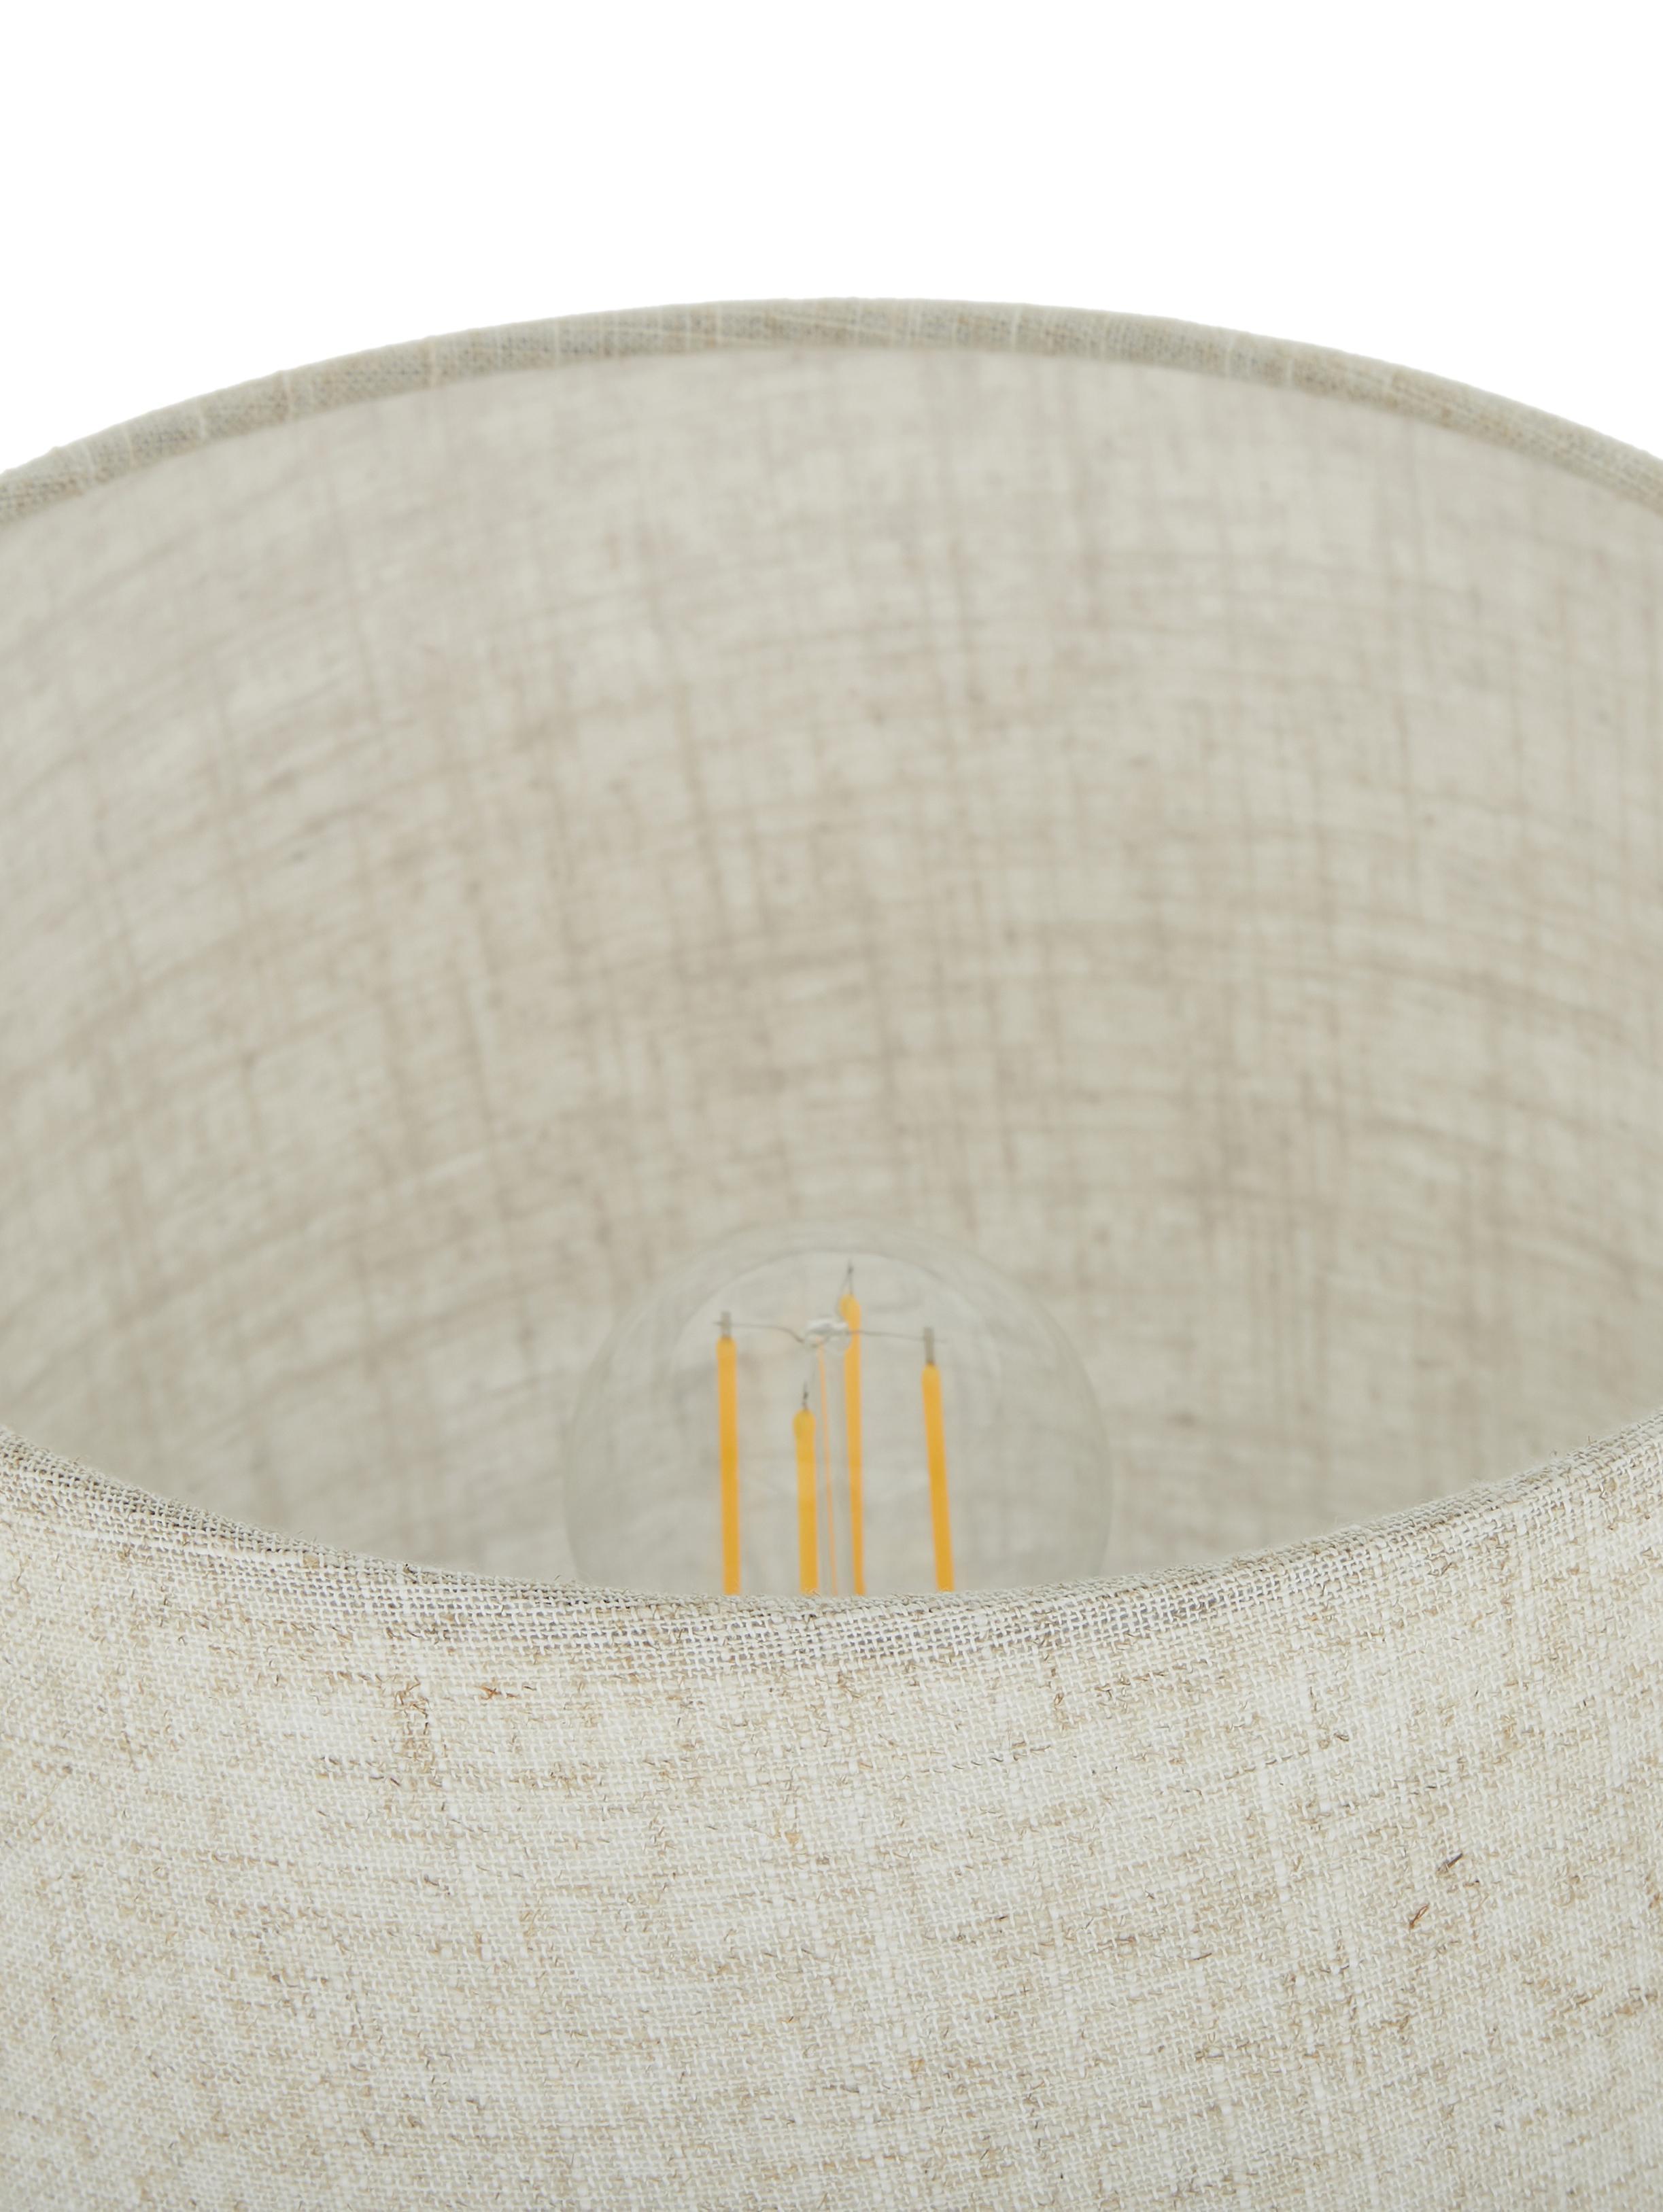 Lampe à poser beige Kaya, Abat-jour: beige Pied de lampe: gris foncé Câble: noir